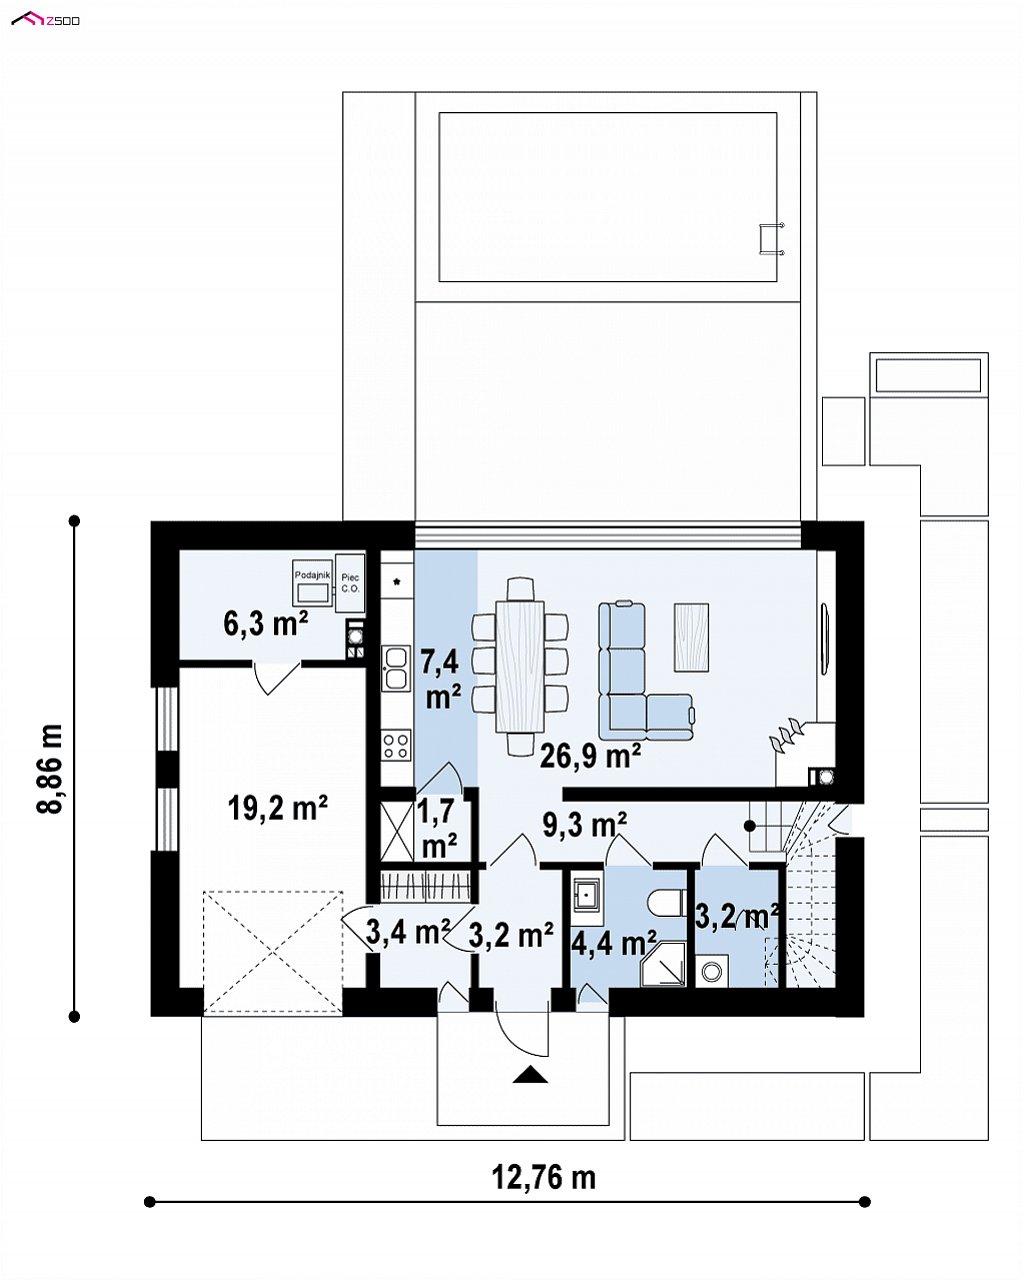 Проект современного односемейного дома с гаражом на одну машину. план помещений 1